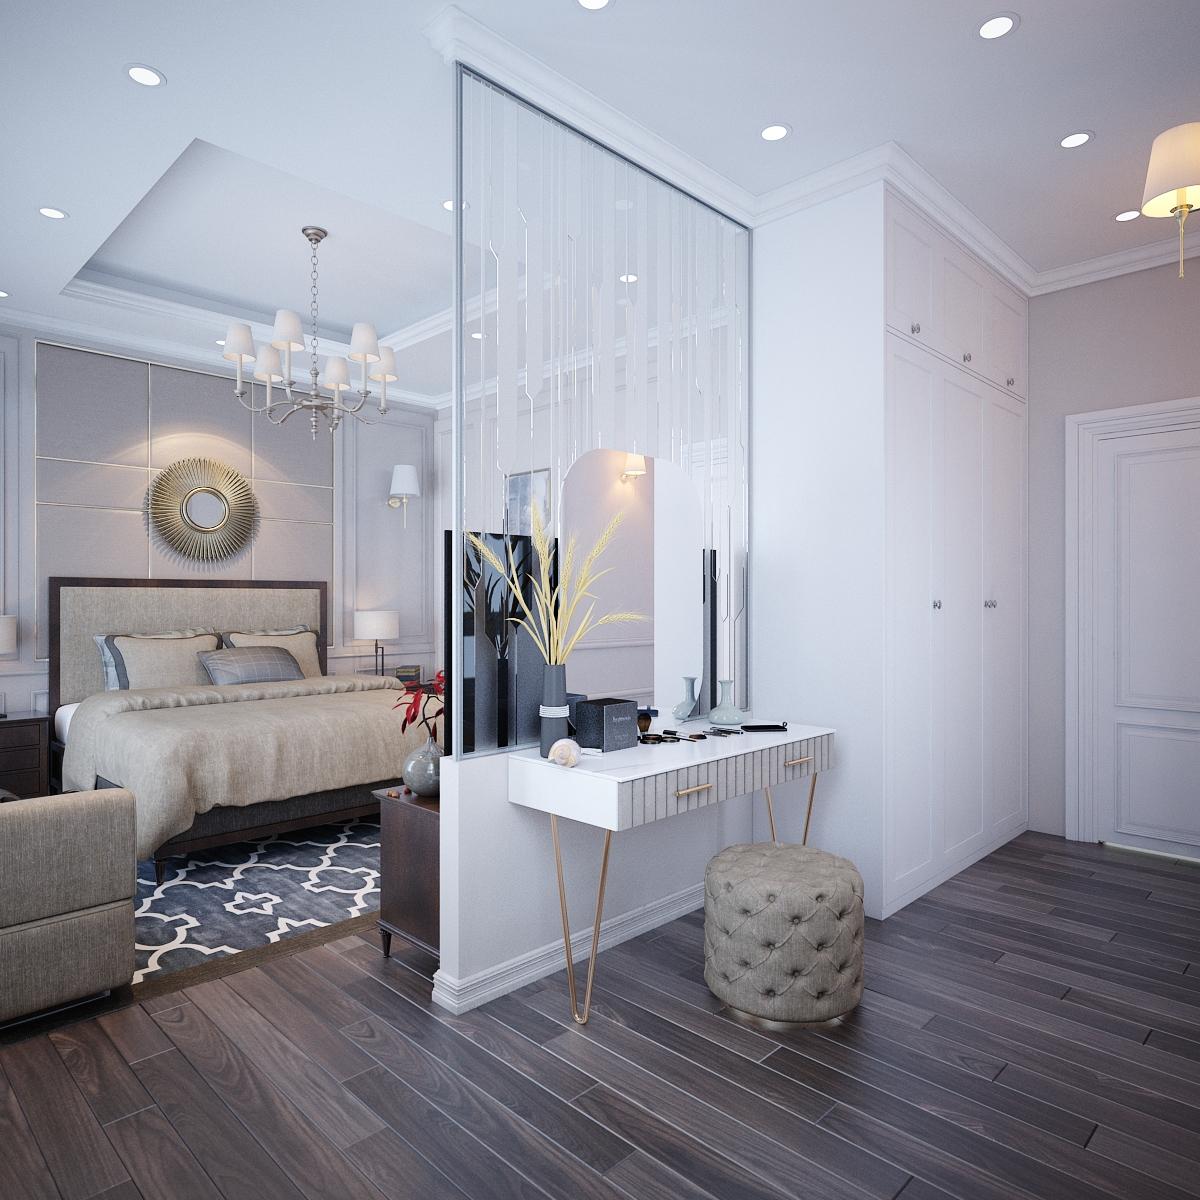 thiết kế nội thất Biệt Thự tại Hồ Chí Minh Biệt Thự Chị Thu 11 1550734332